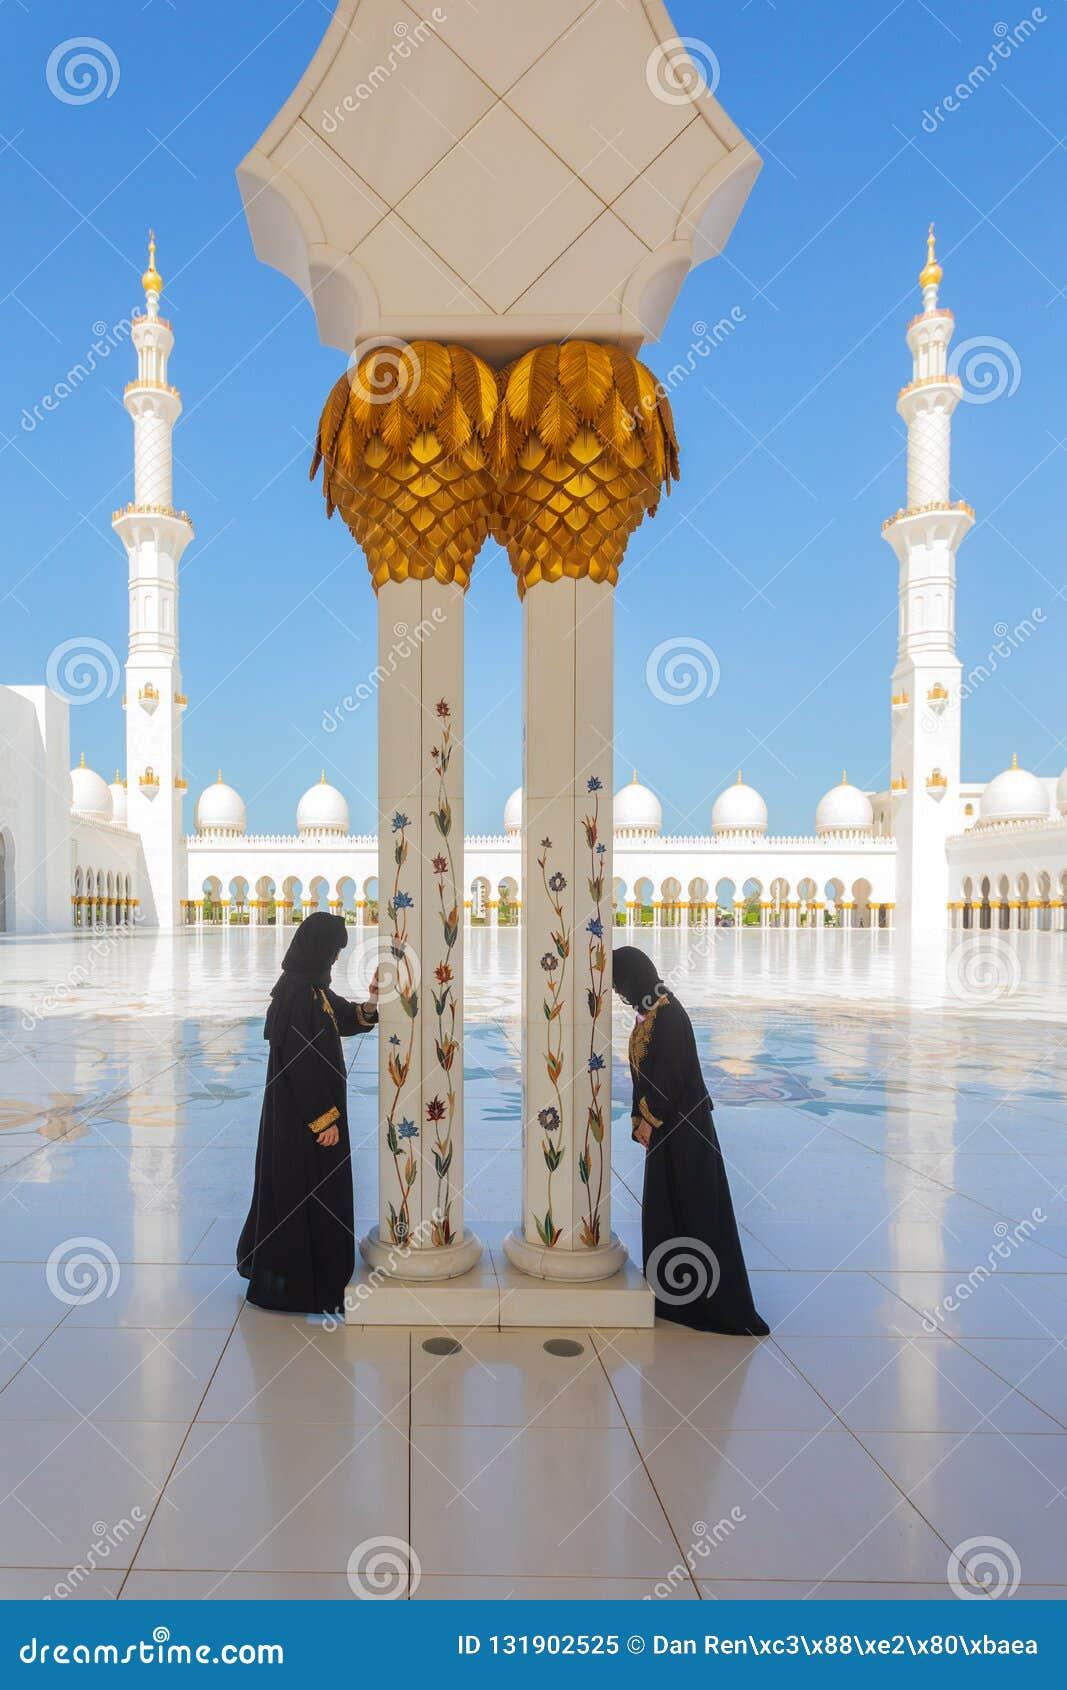 2 Arabische Frauen Die Traditionelle Schwarze Burka Kleidung Beim Beten In Sheikh Zayed Mosque In Abu Dhabi Tragen Redaktionelles Bild Bild Von Besuch Gebet 131902525